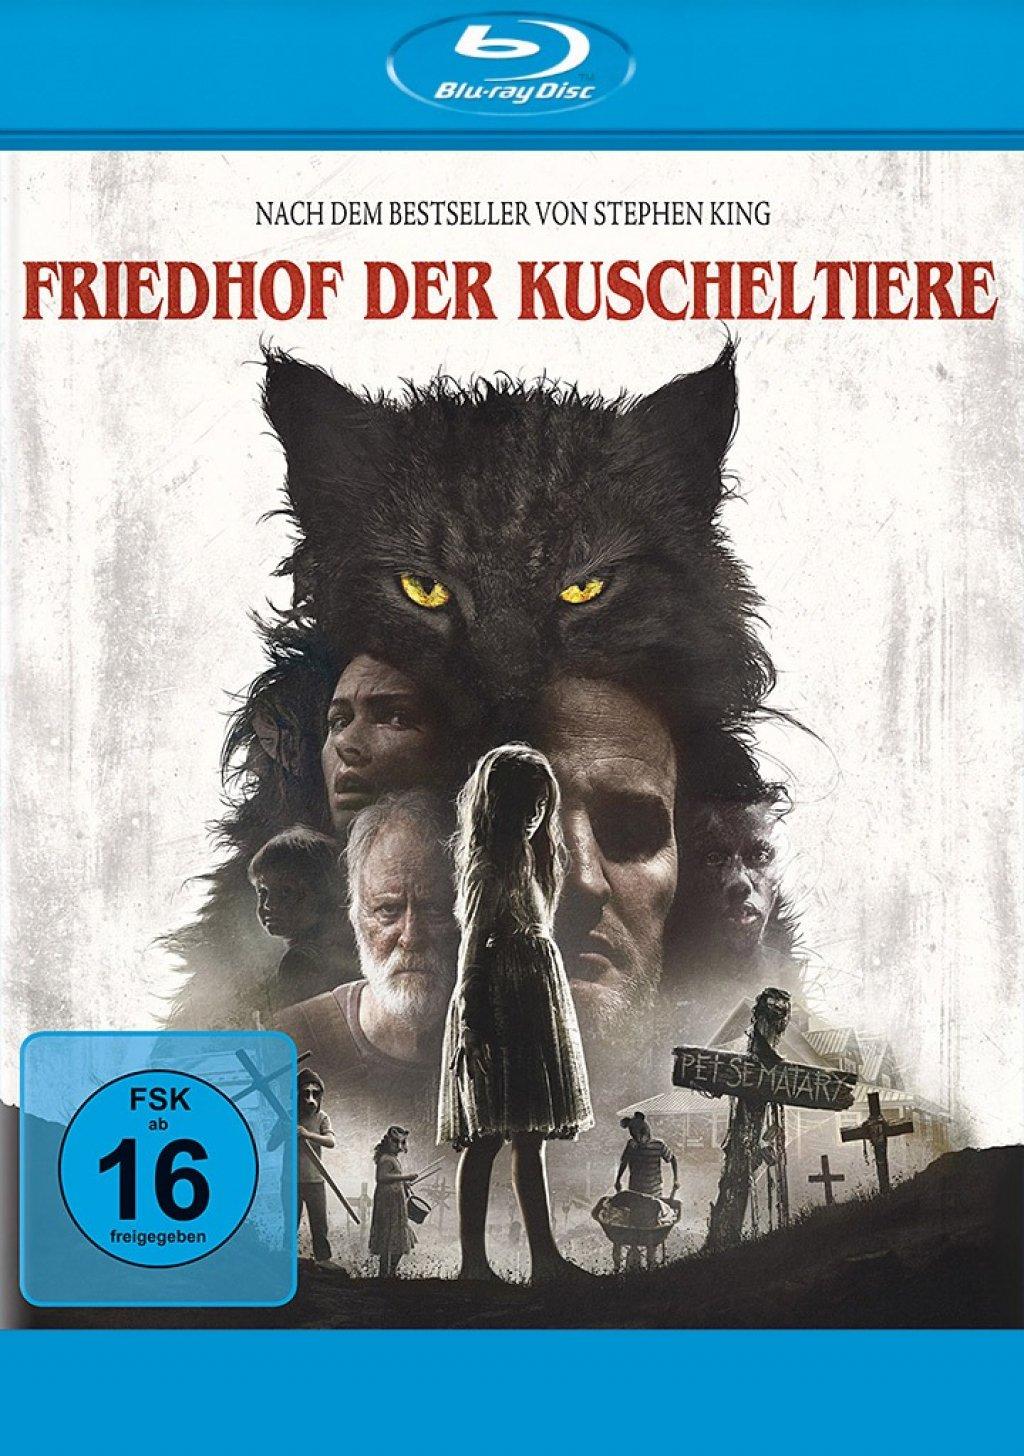 Friedhof der Kuscheltiere - 2019 (Blu-ray)